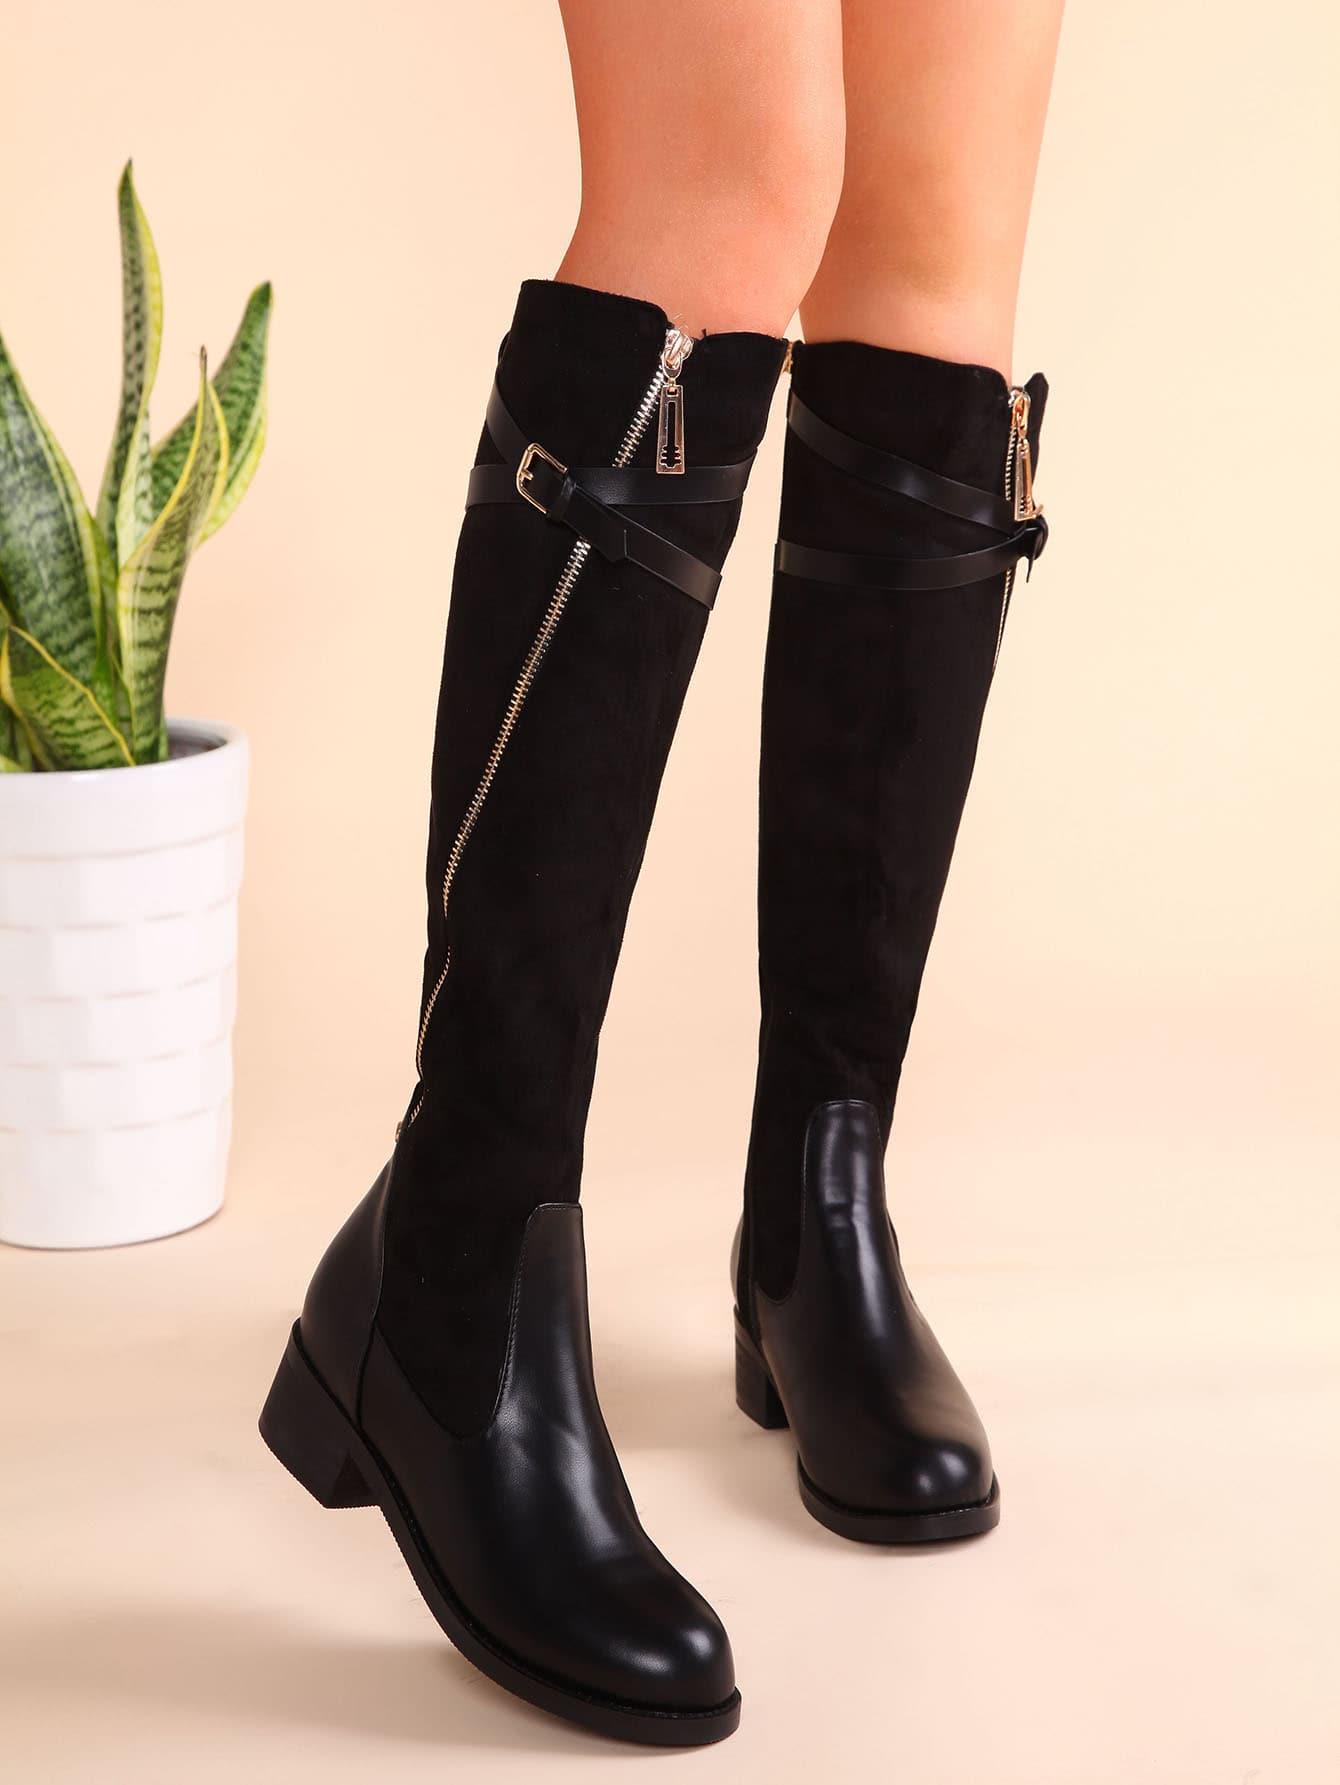 shoes161107807_2